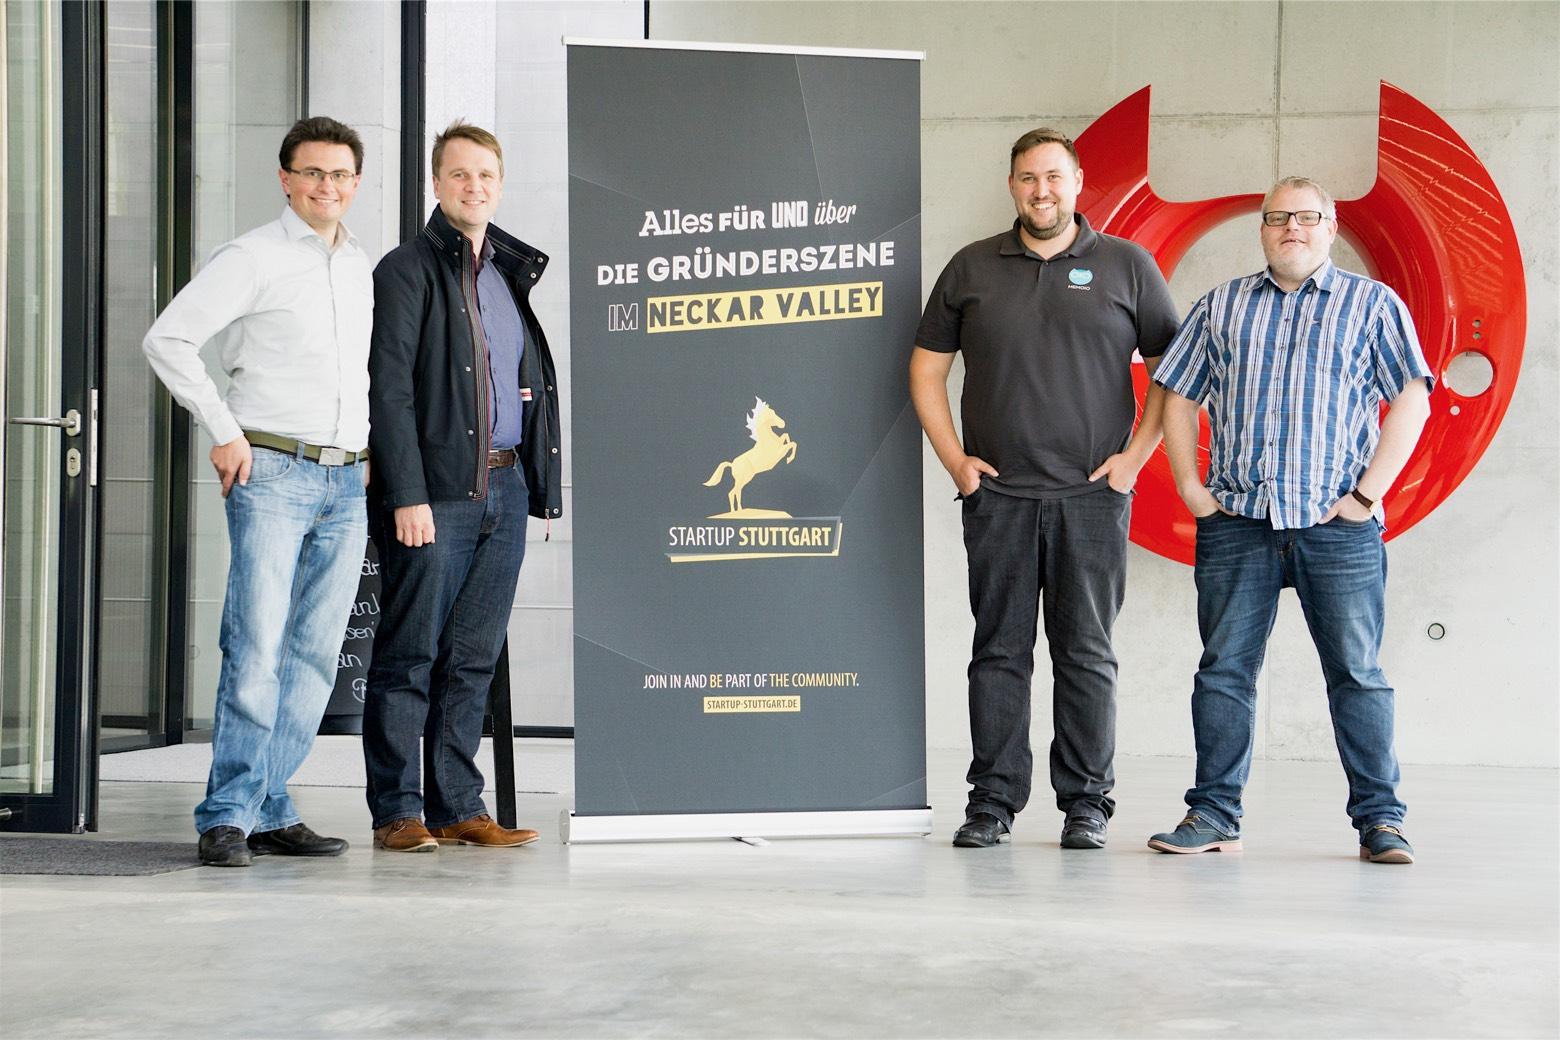 Das Startup Stuttgart e.V. Team ist als Netzwerkpartner der Ansprechpartner für die Startups in Baden-Württemberg